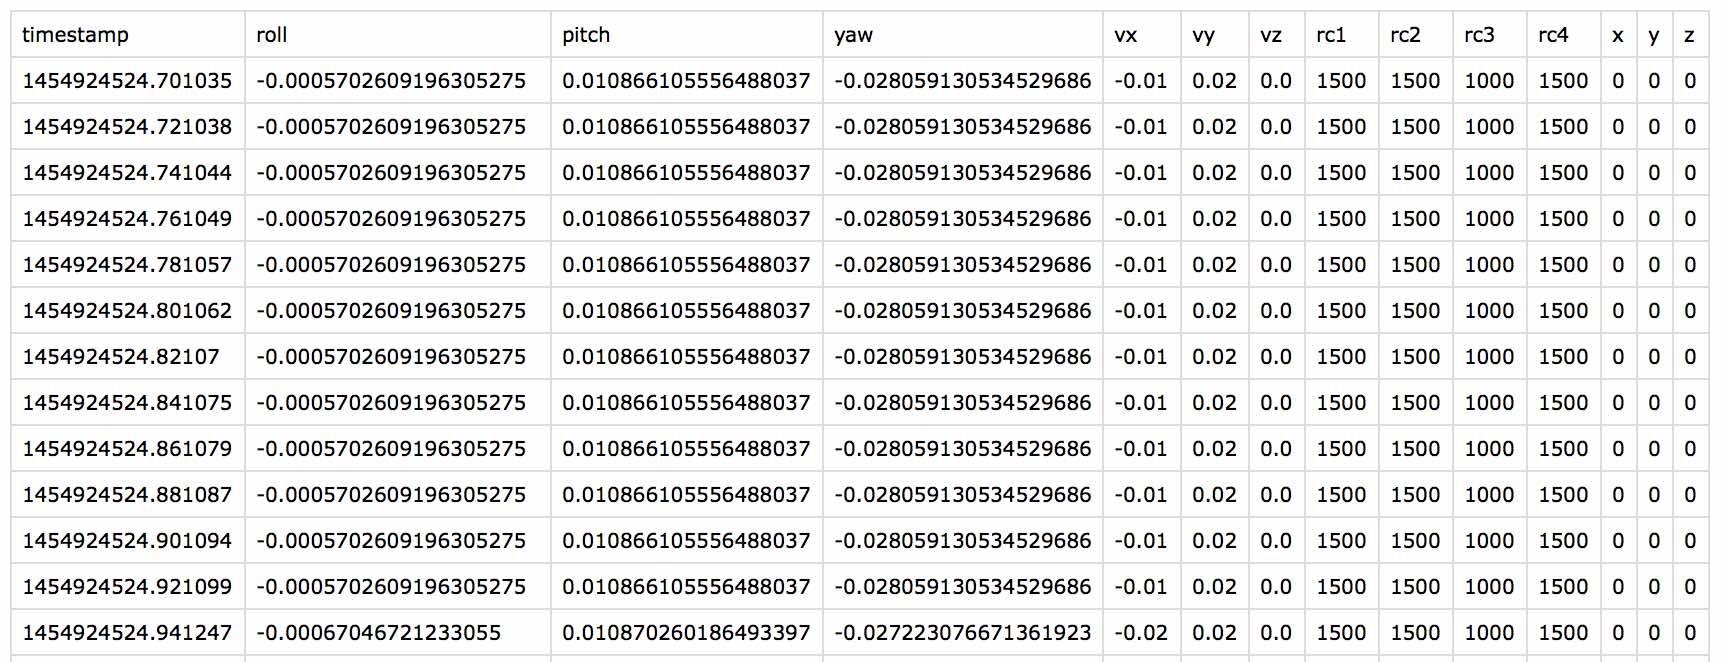 Example logdata